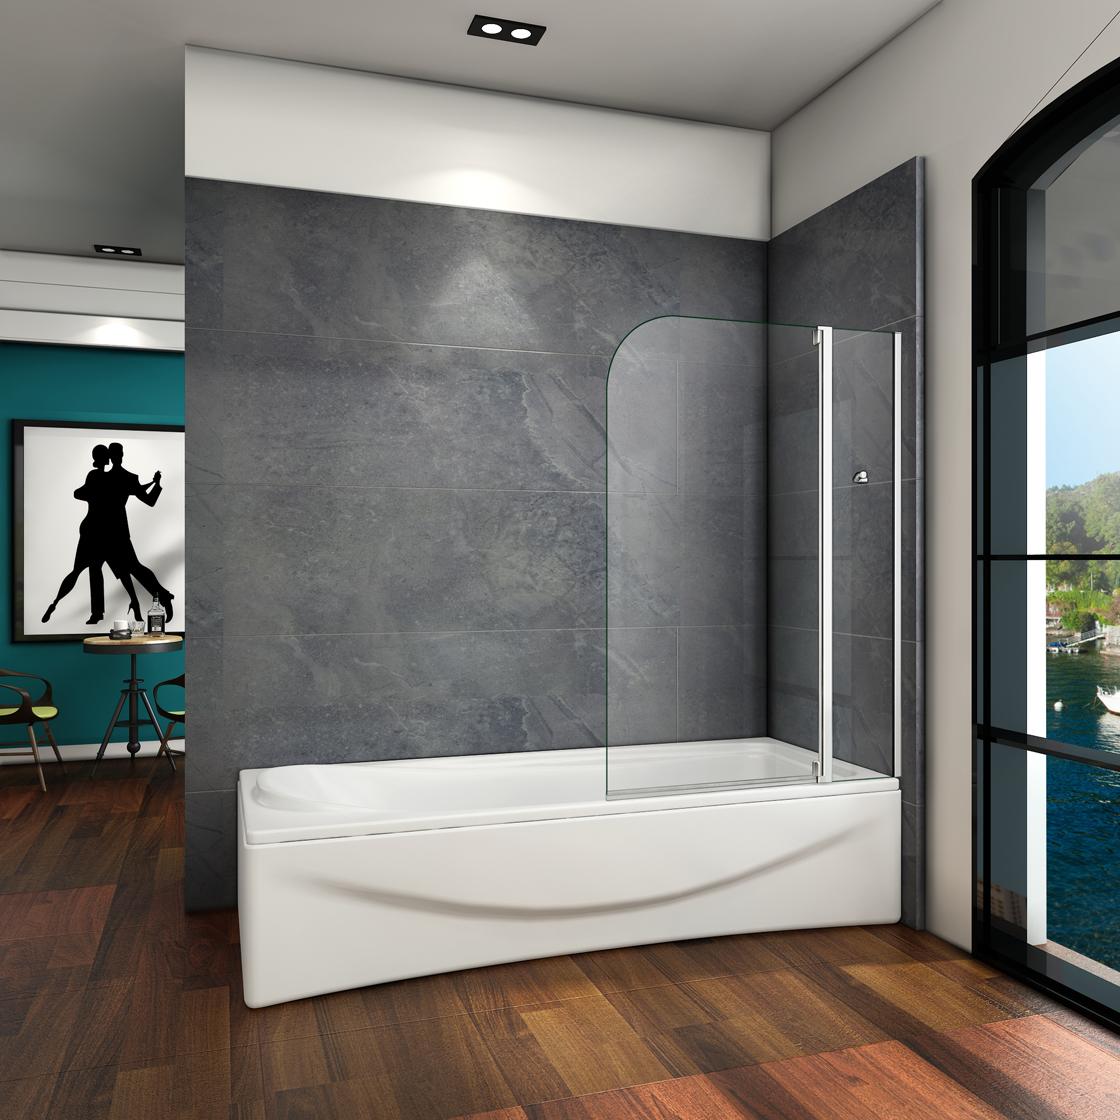 100x140cm badewannenaufsatz duschabtrennung trennwand badewannenaufsatz 2 teilig ebay. Black Bedroom Furniture Sets. Home Design Ideas